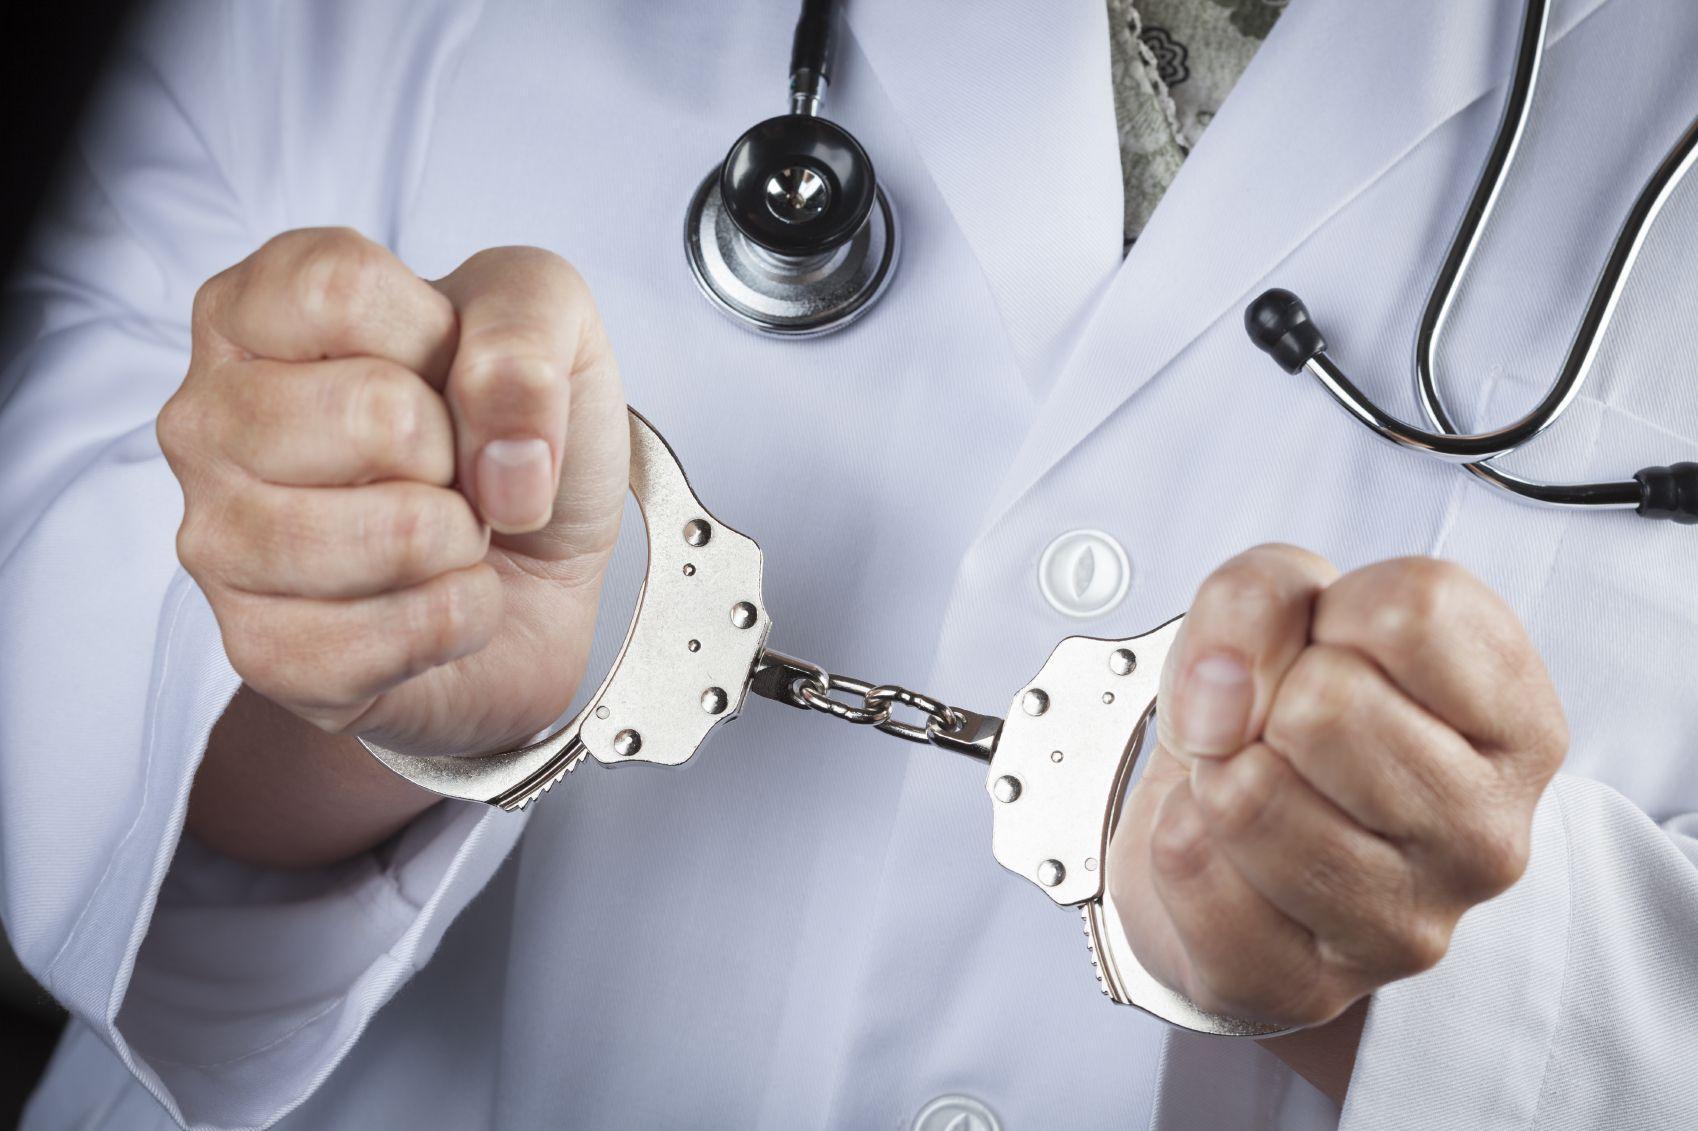 Благотворительные фонды обратились в Минздрав с просьбой о декриминализации обезболивания